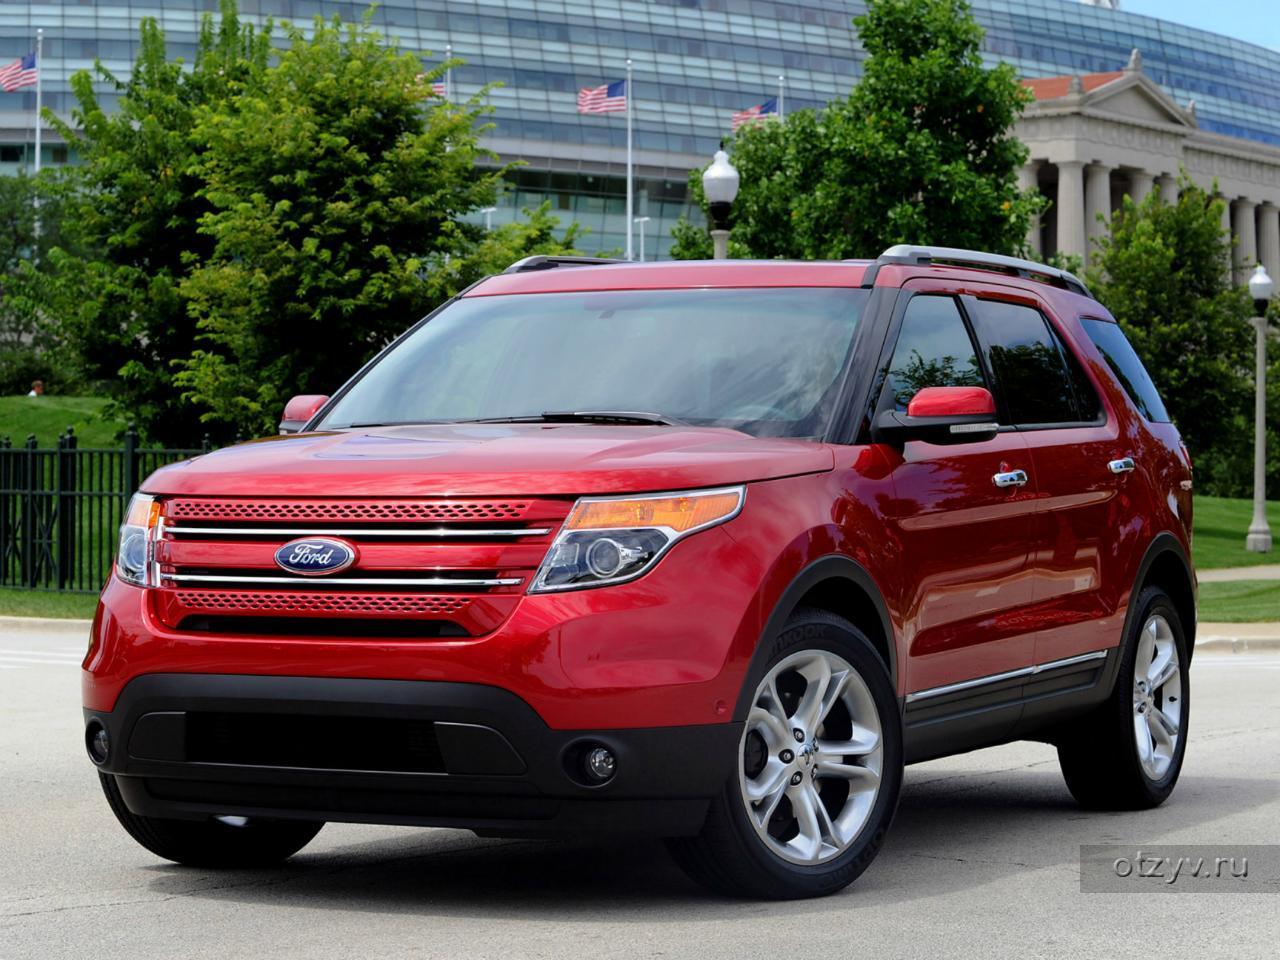 Отзывы владельцев Форд Эксплорер (Ford Explorer) с фото, видео